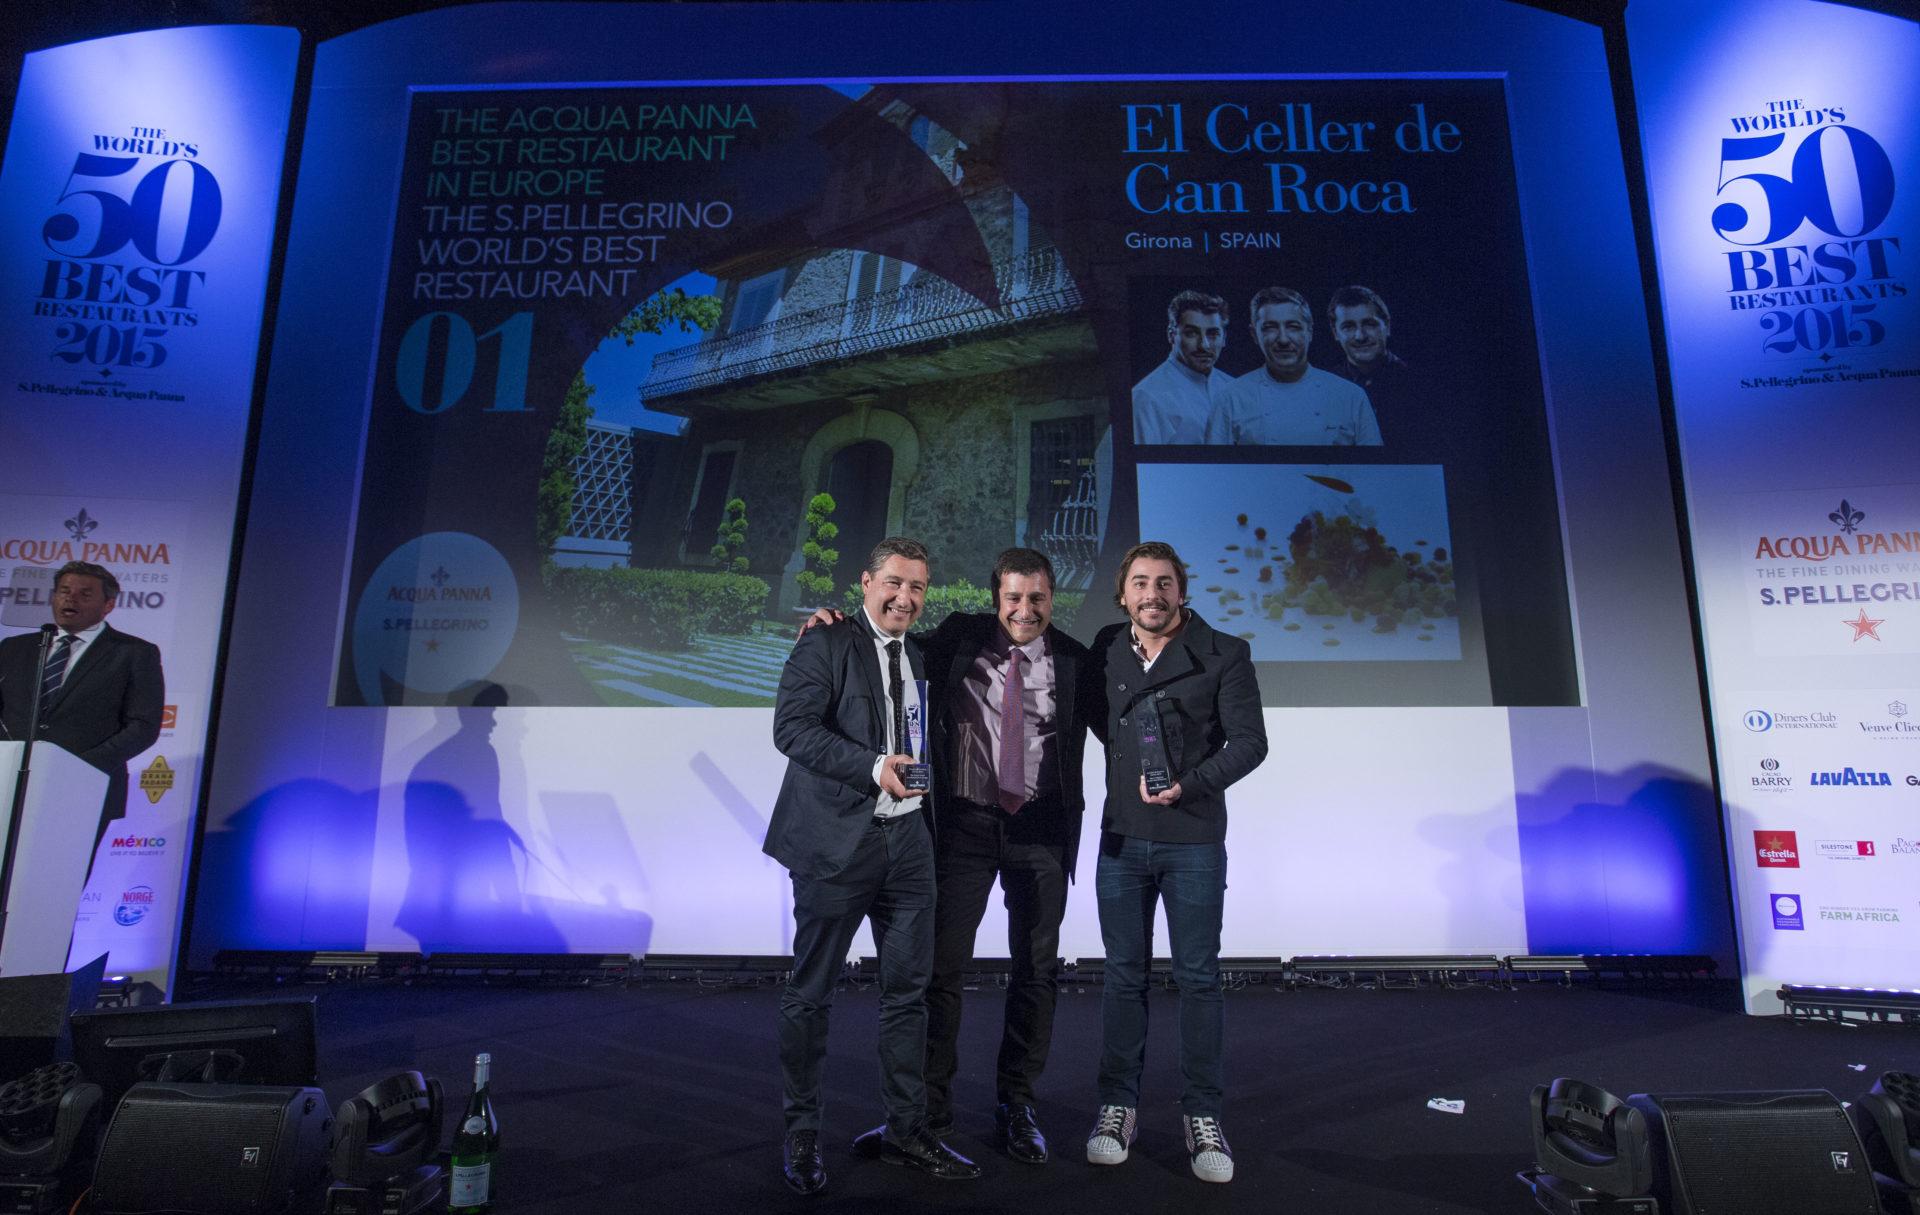 Fotografía de los hermanso roca recogiendo el premio a El Celler de Can Roca mejor restaurante del mundo 2015 BBVA